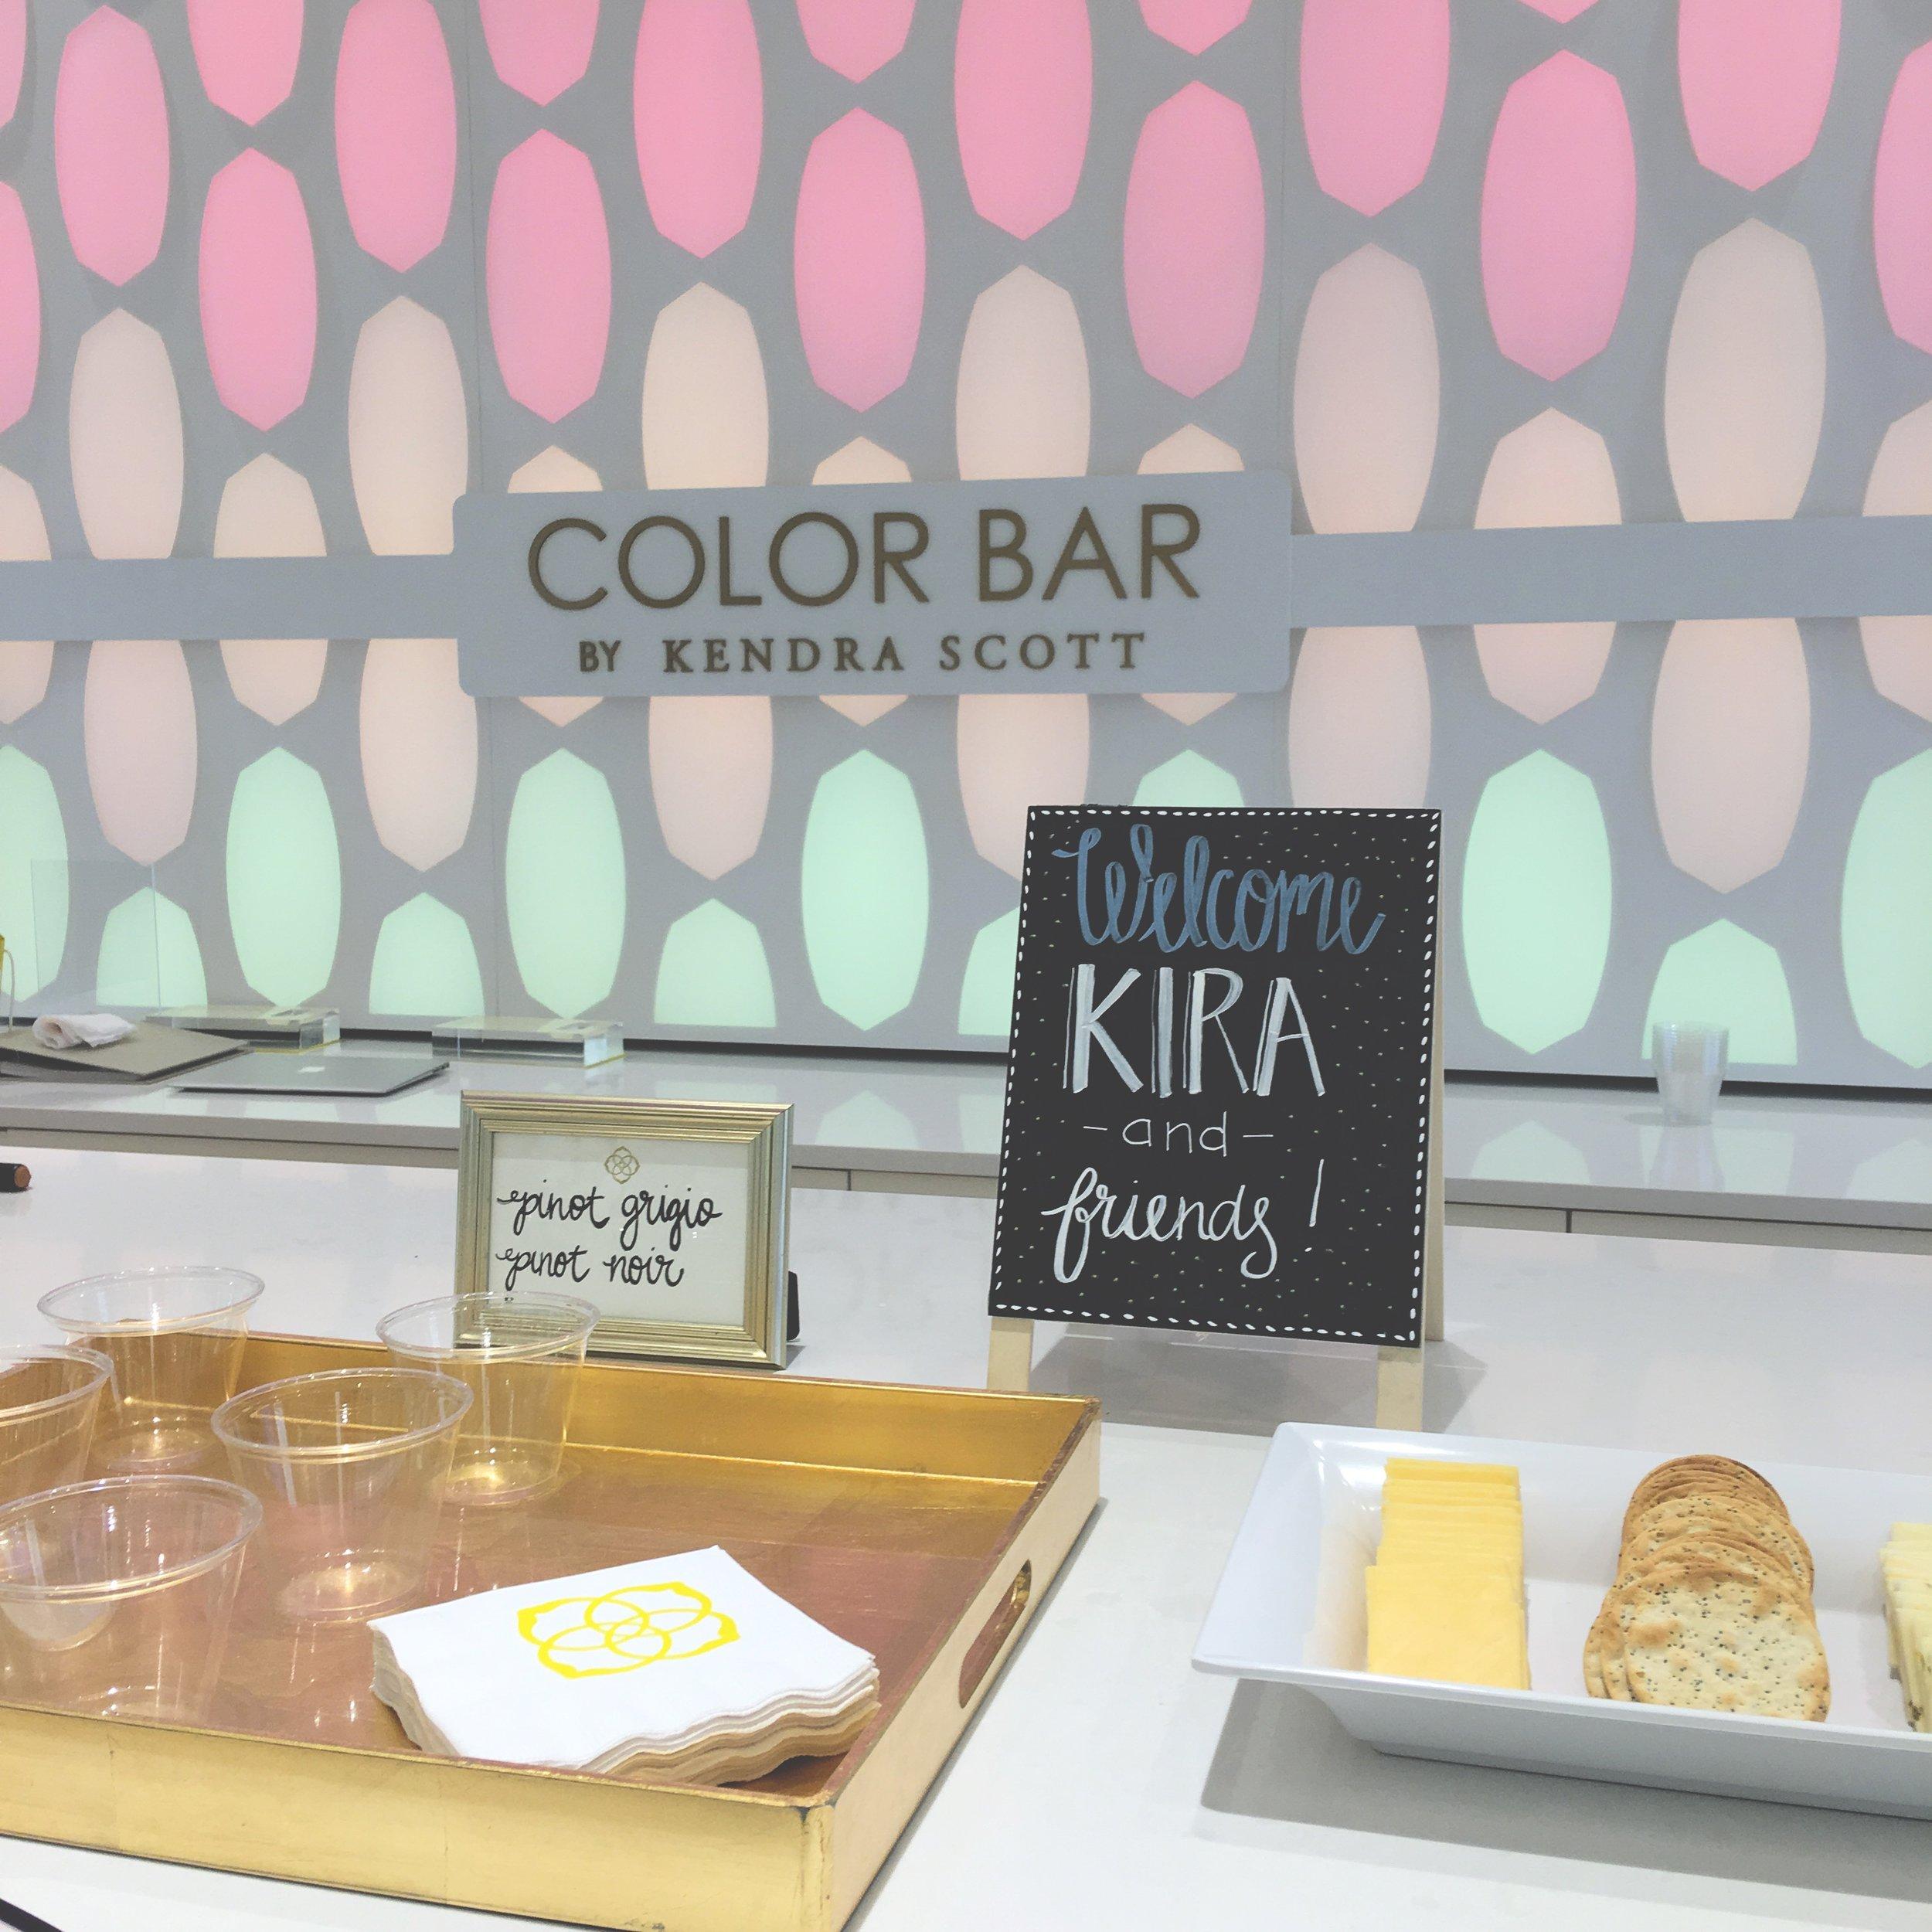 Kendra Scott Southpark Charlotte - KiraSemple.com